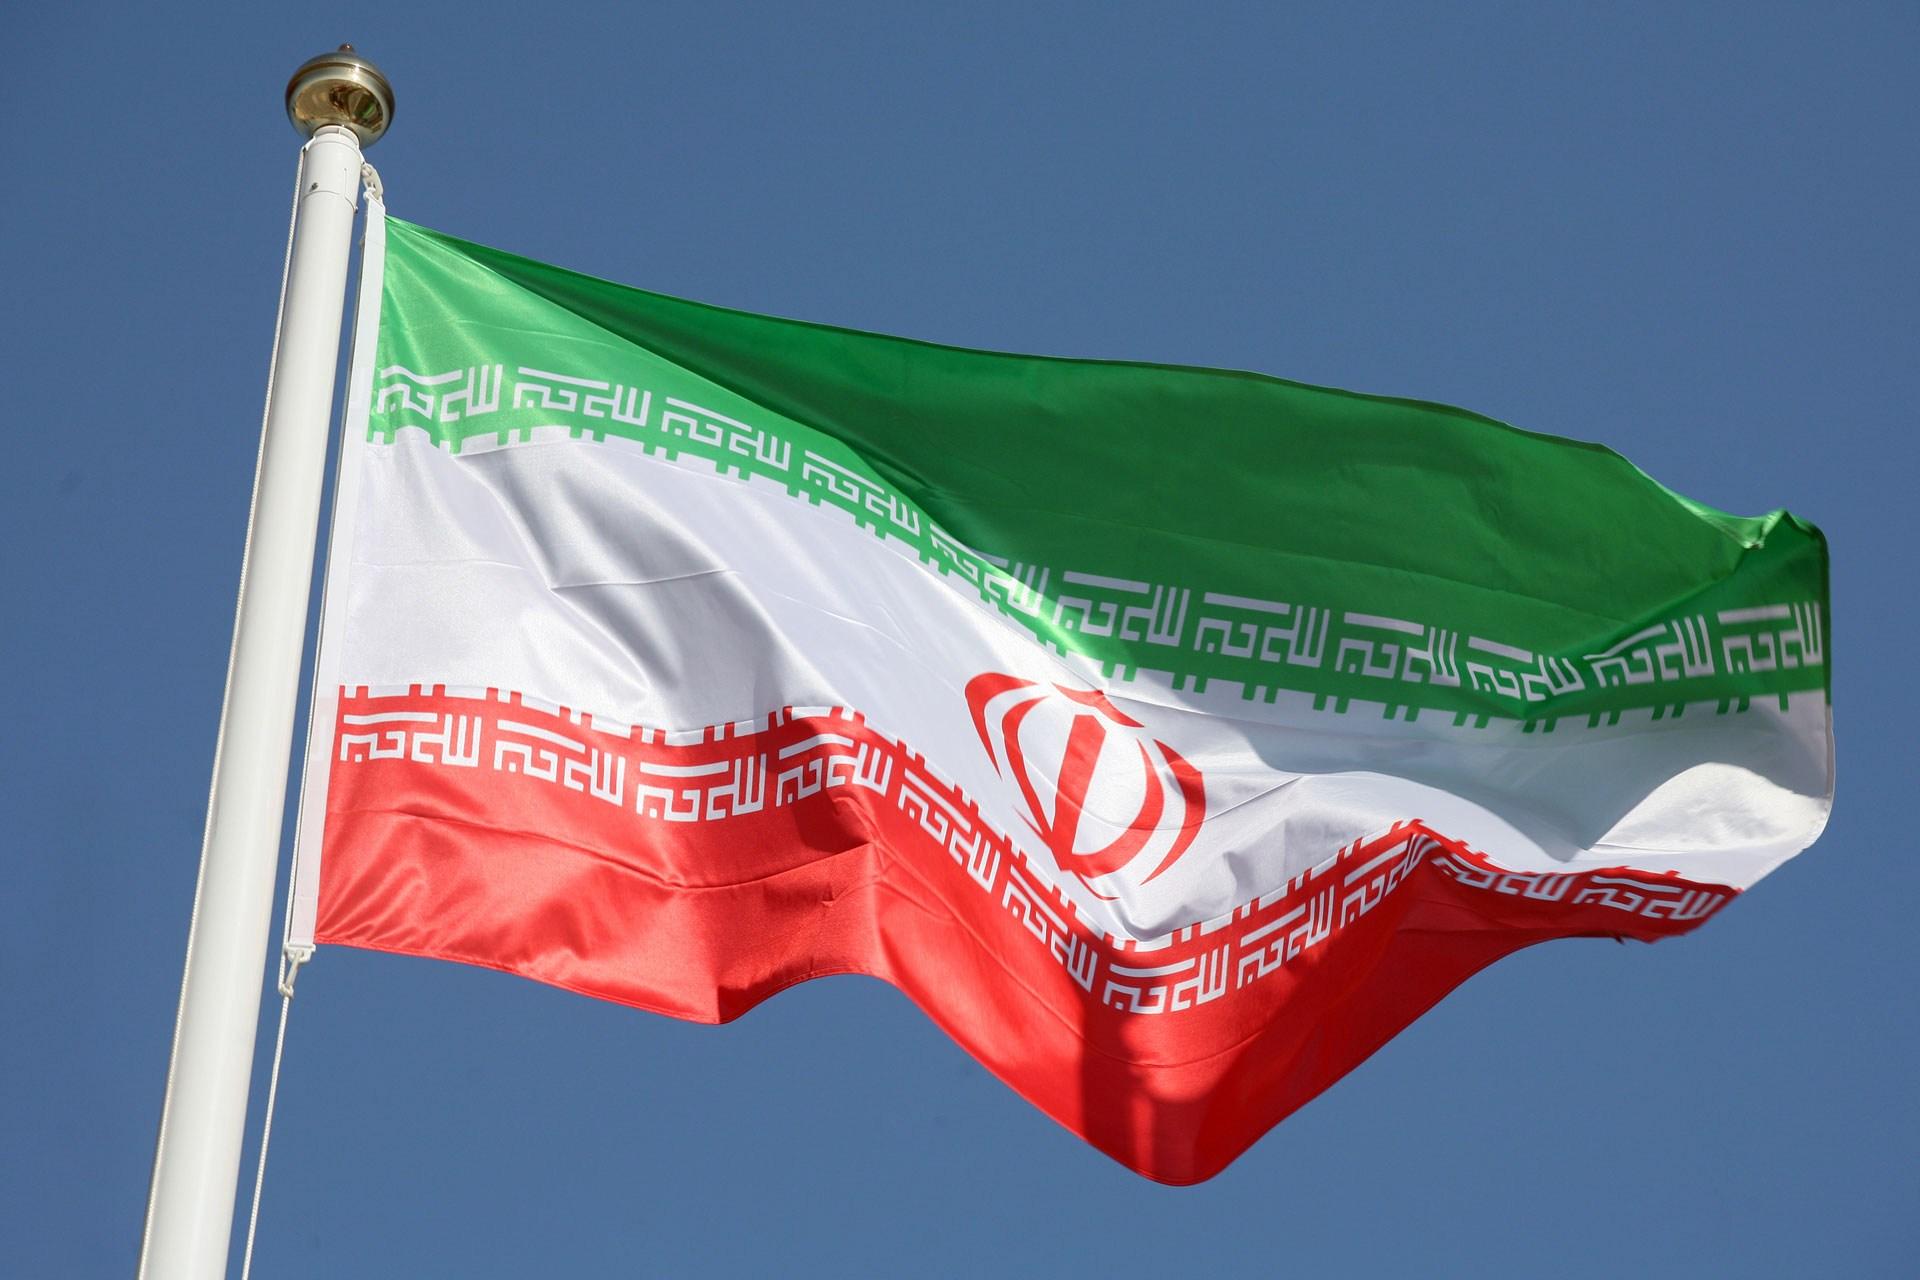 Իրանը չի պատրաստվում երկիր վերադարձնել ապասառեցված 100 մլրդ դոլարի մեծ մասը